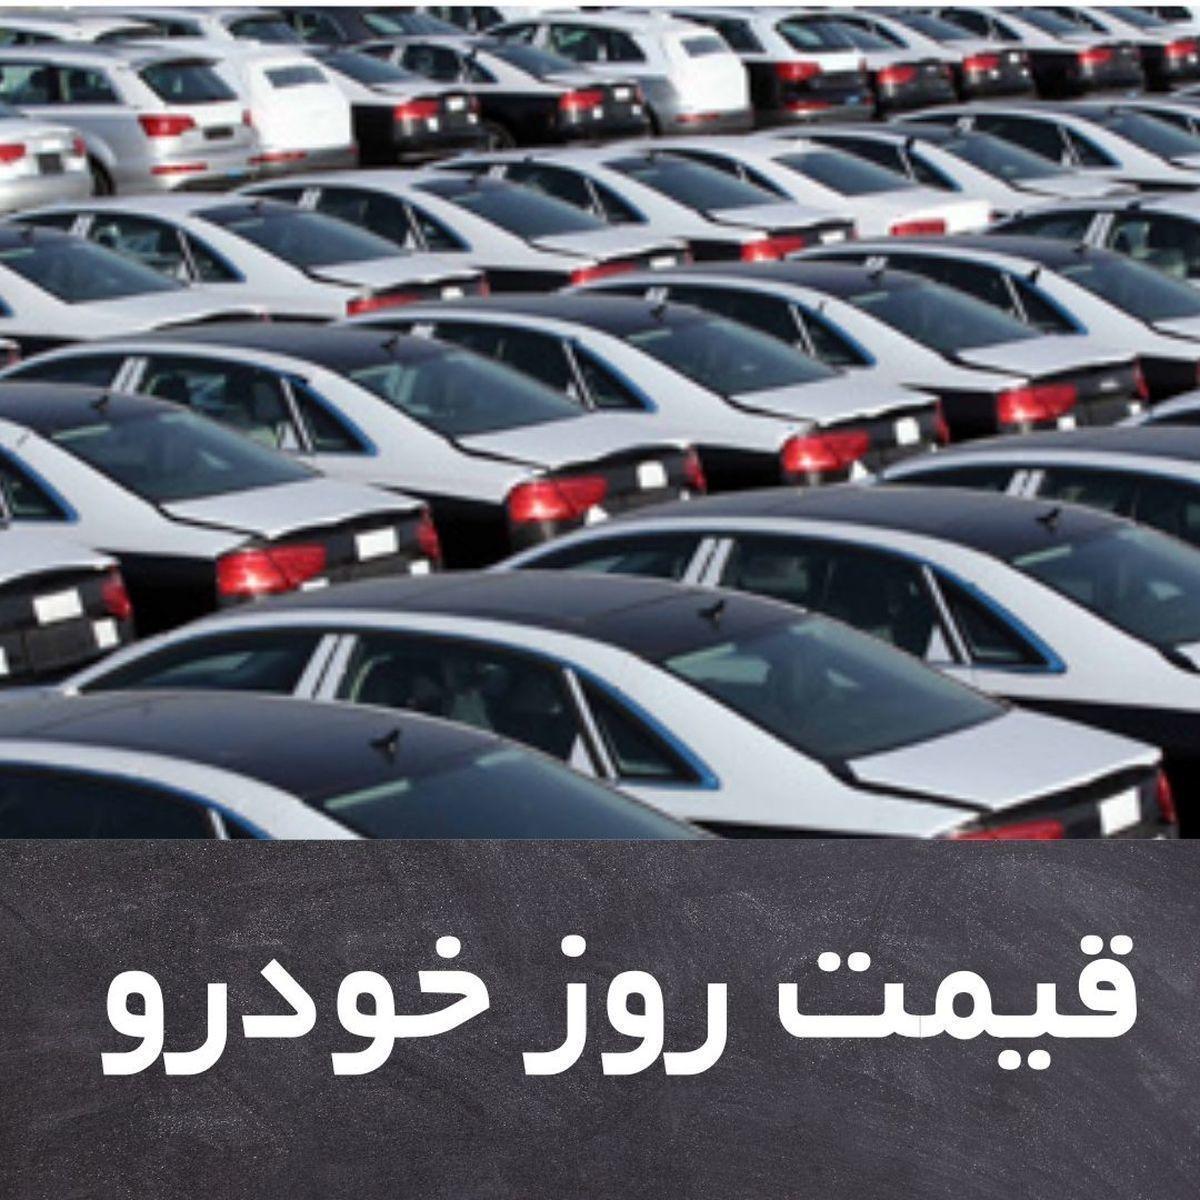 قیمت روز خودرو چهارشنبه 15 اردیبهشت + جدول